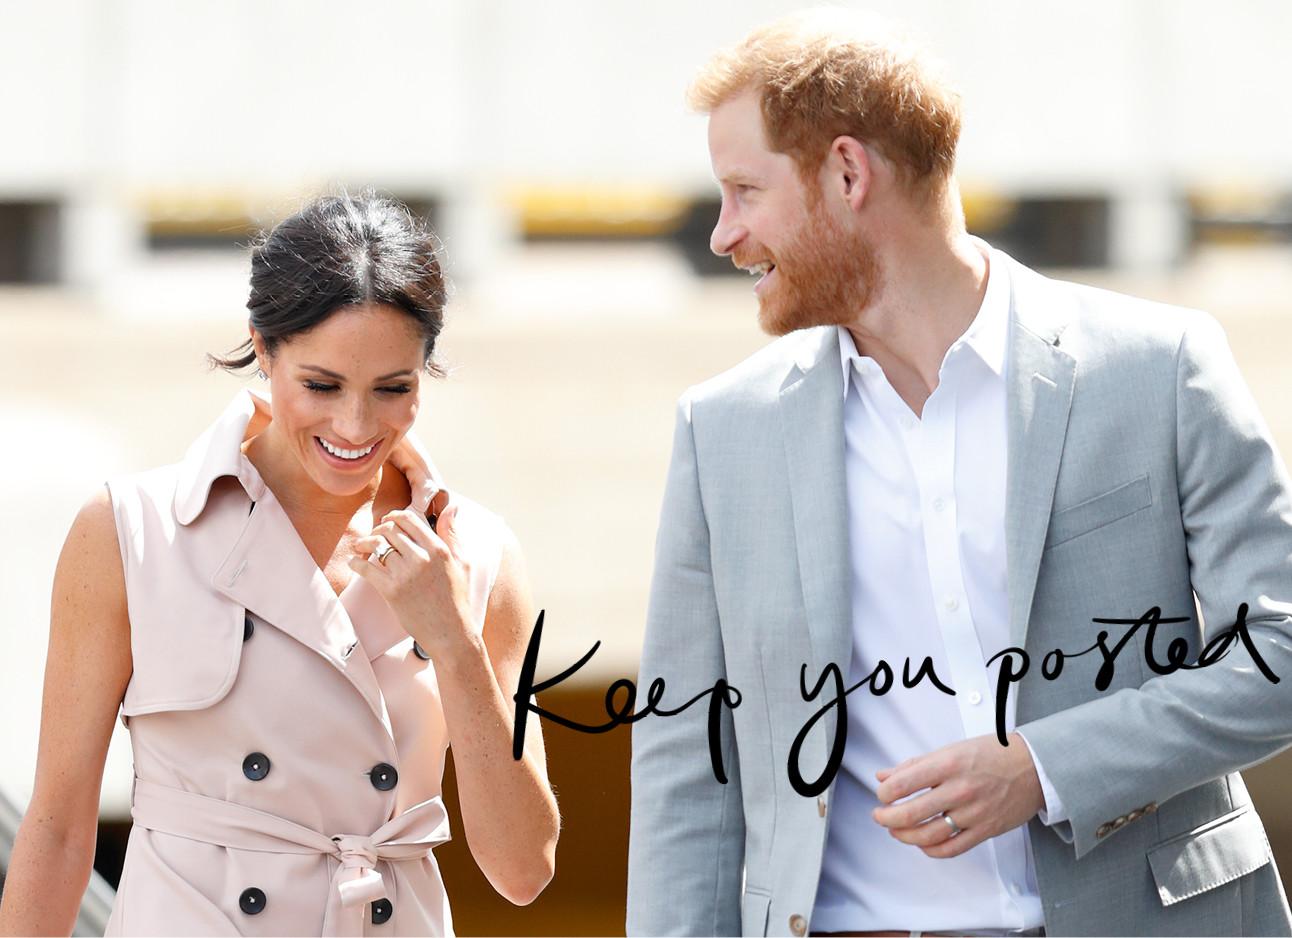 duke harry en duchess meghan markle of sussex lachend, meghan draagt een roze trenchcoat en harry een lichtblauwe colbert met een witte blouse eronder, keep you posted